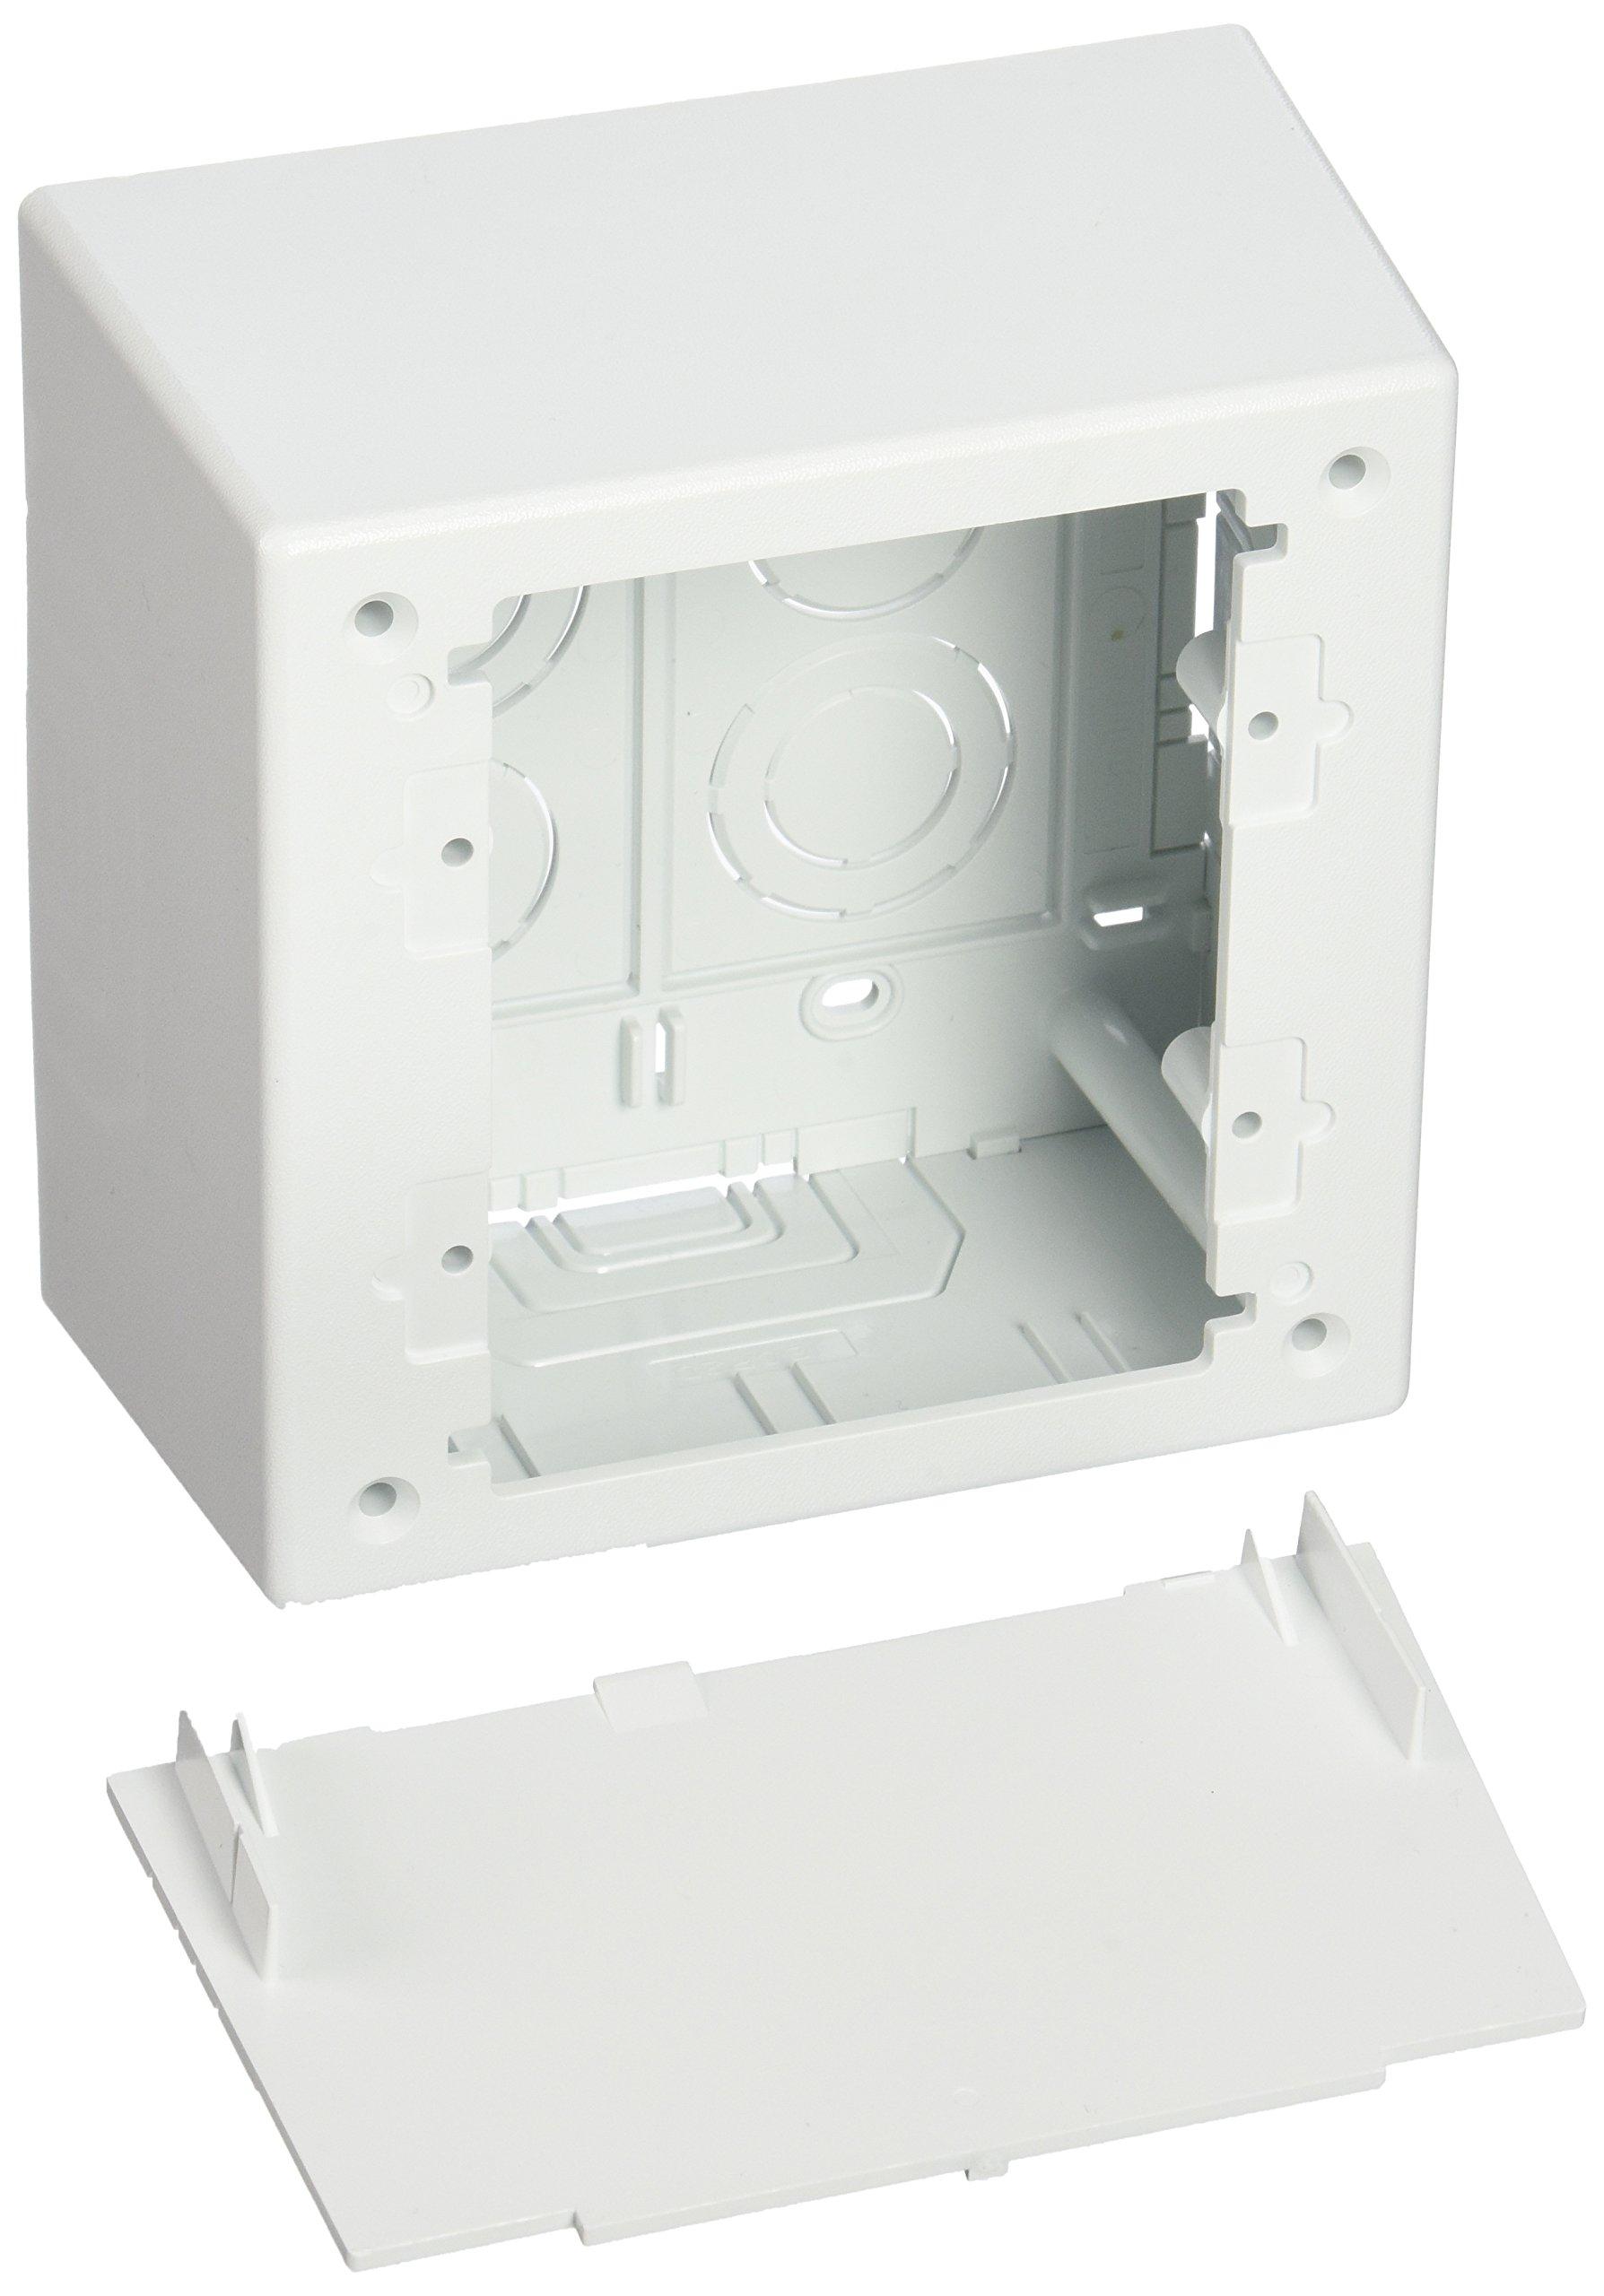 Panduit JBP2DWH 2-Gang Deep Outlet Box, White, 2-Piece